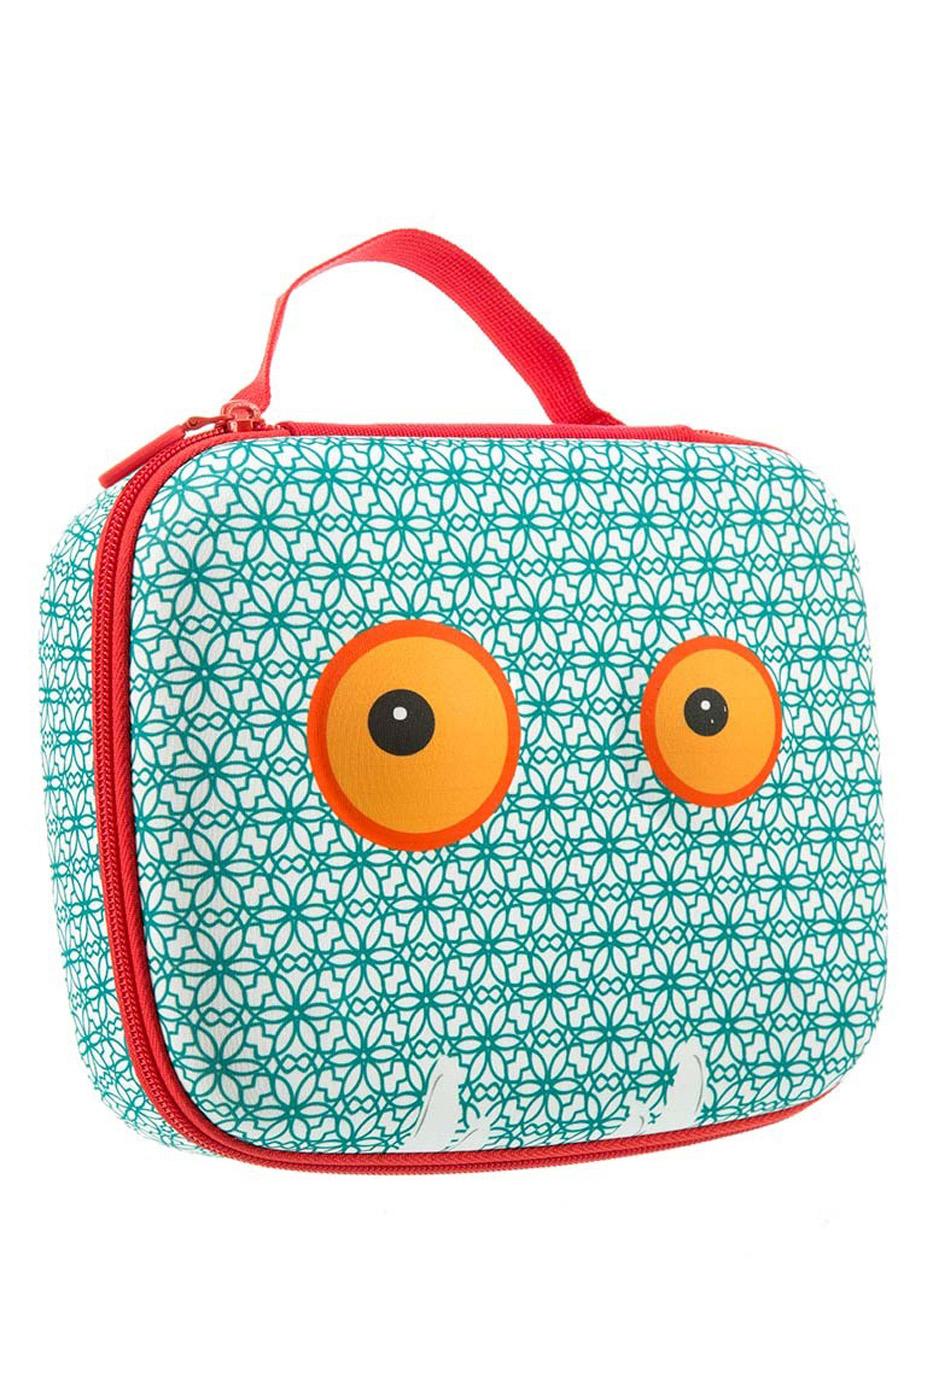 Чемоданчик Beast Box - Детские сумочки, артикул: 161440